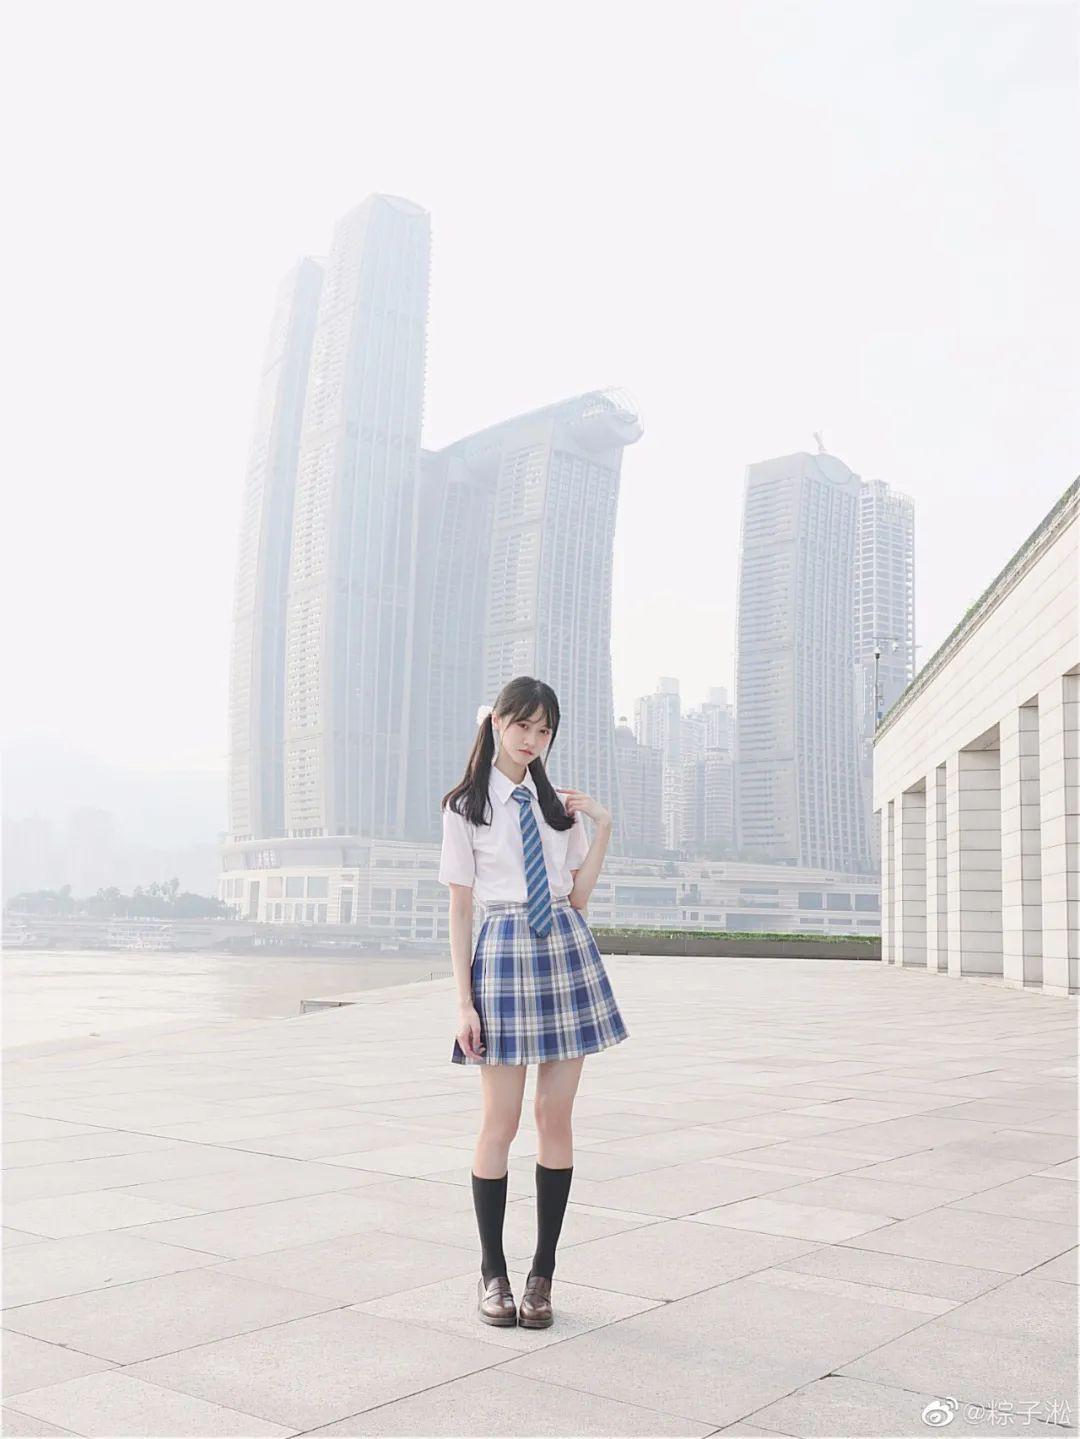 妹子摄影 – JK制服少女的夏日@粽子淞_图片 No.8